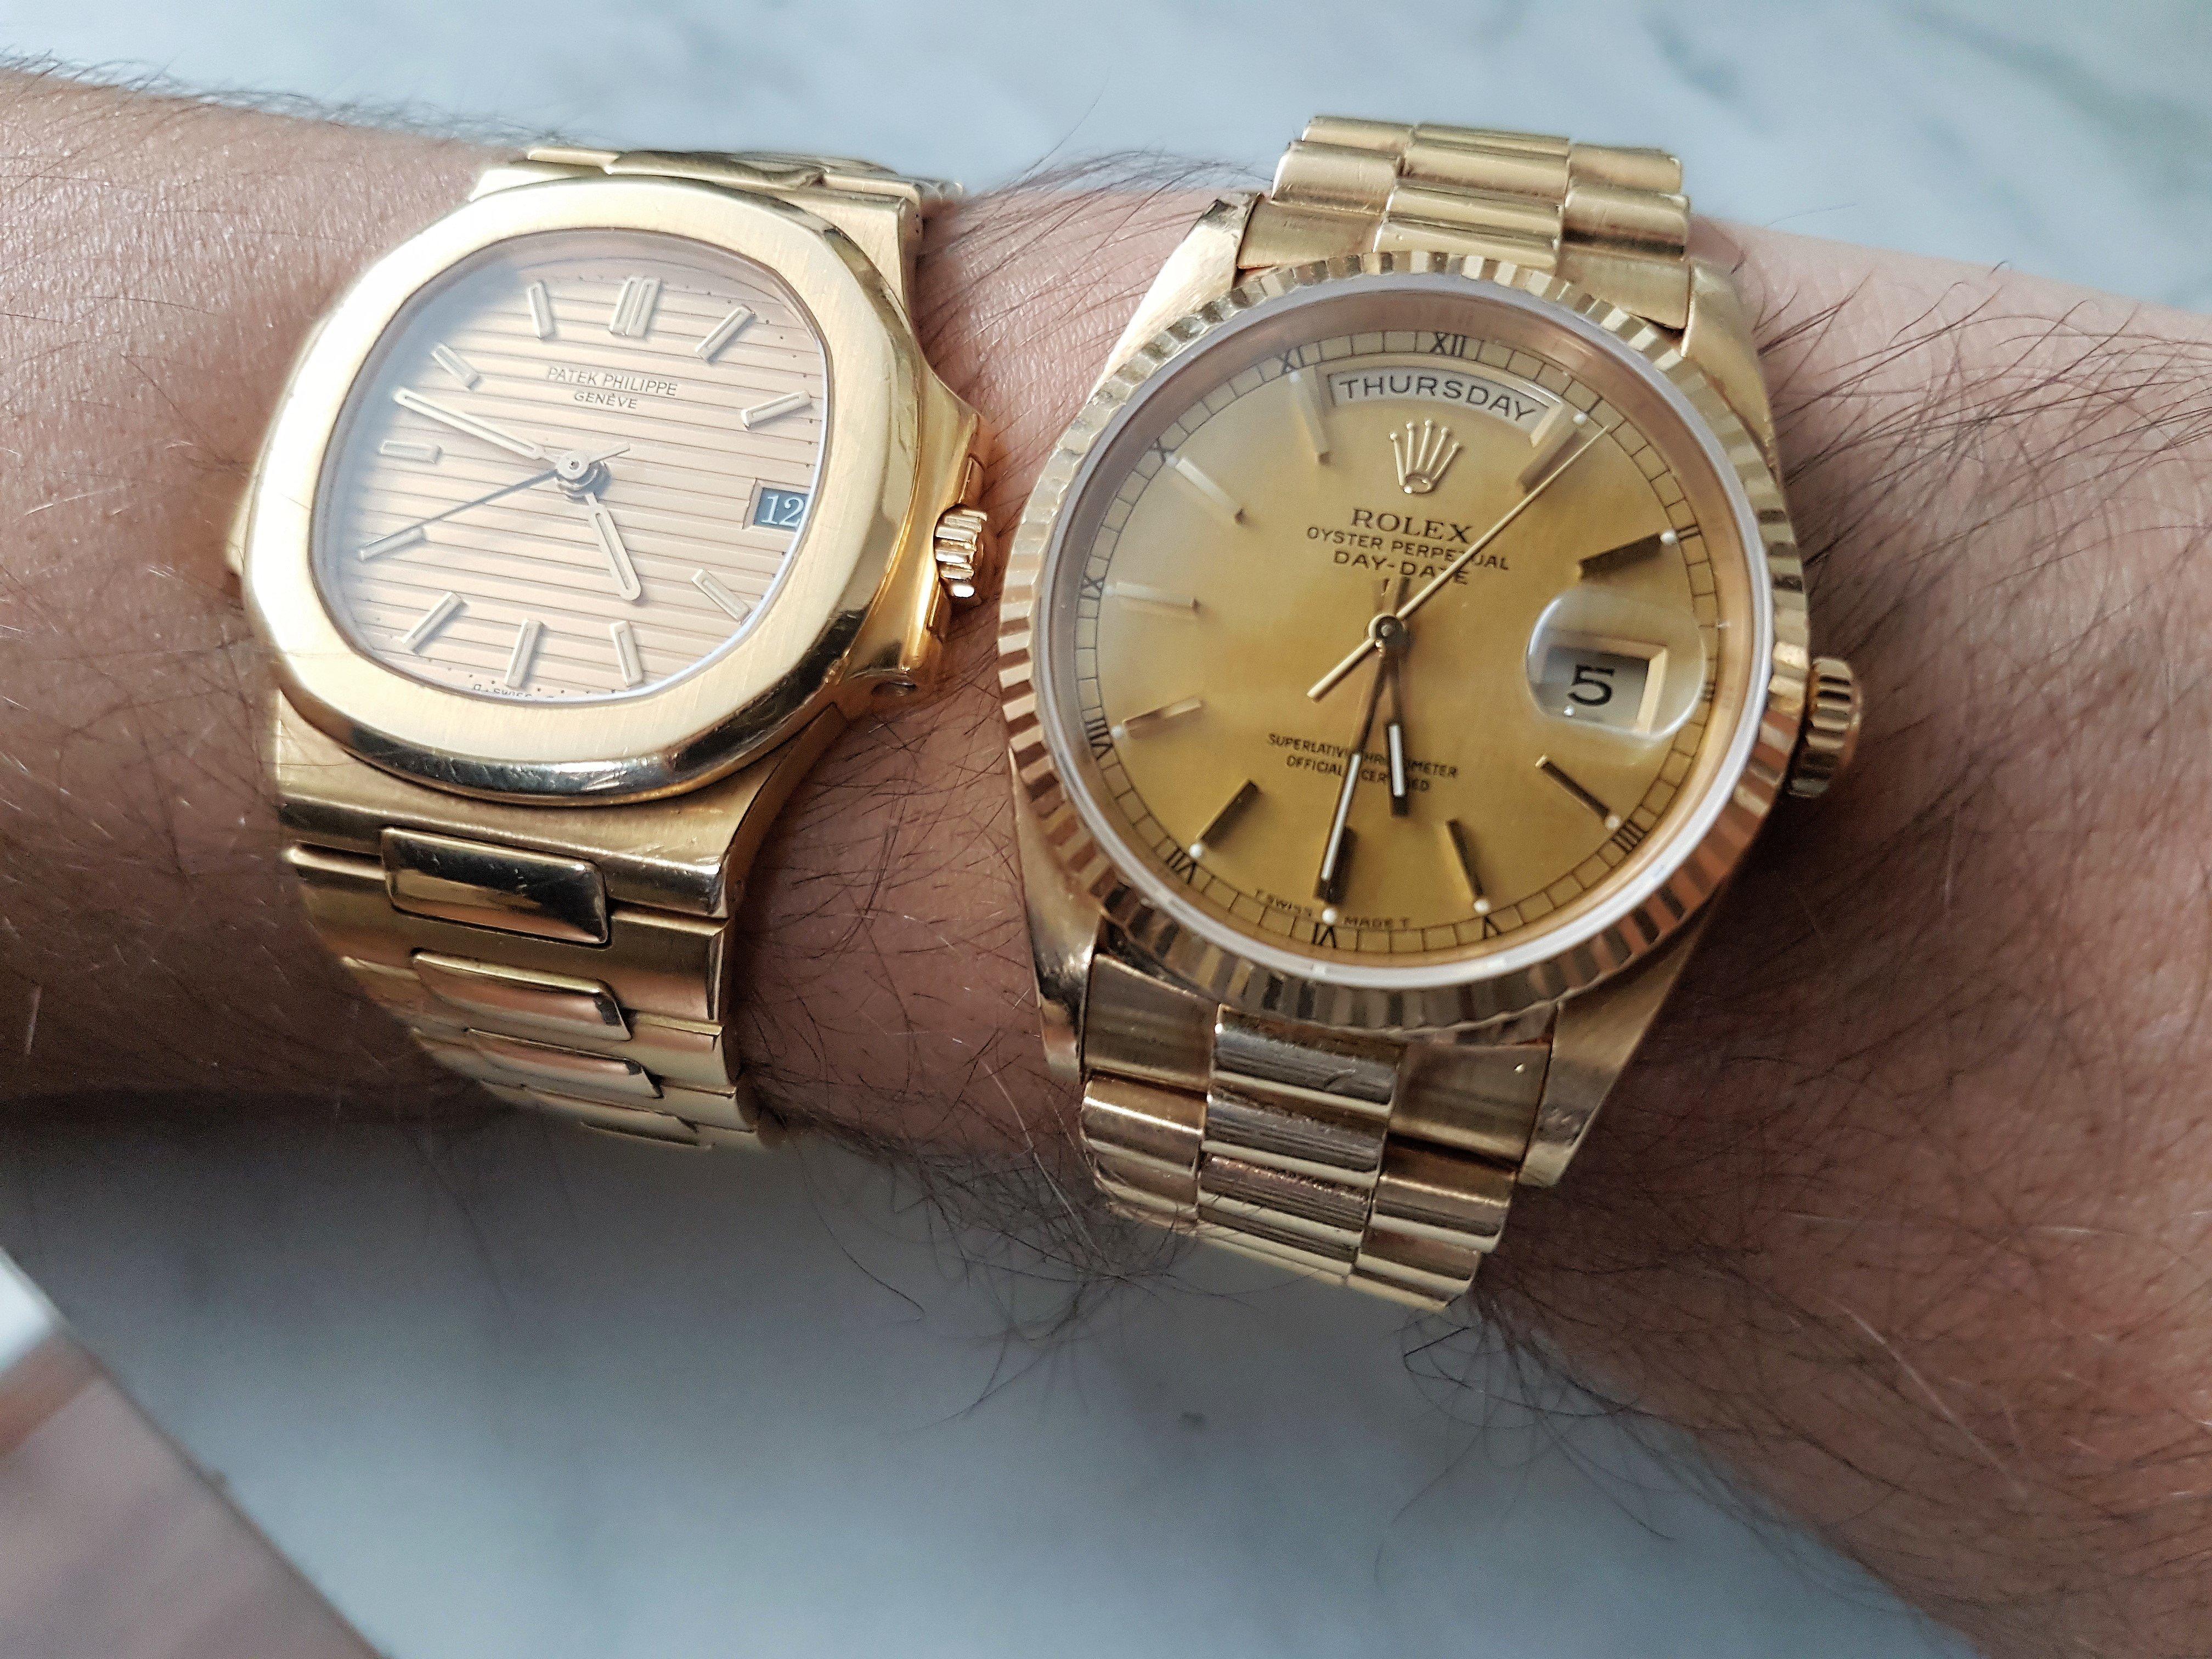 Laat Je Gouden Horloges Zien Algemene Horlogepraat